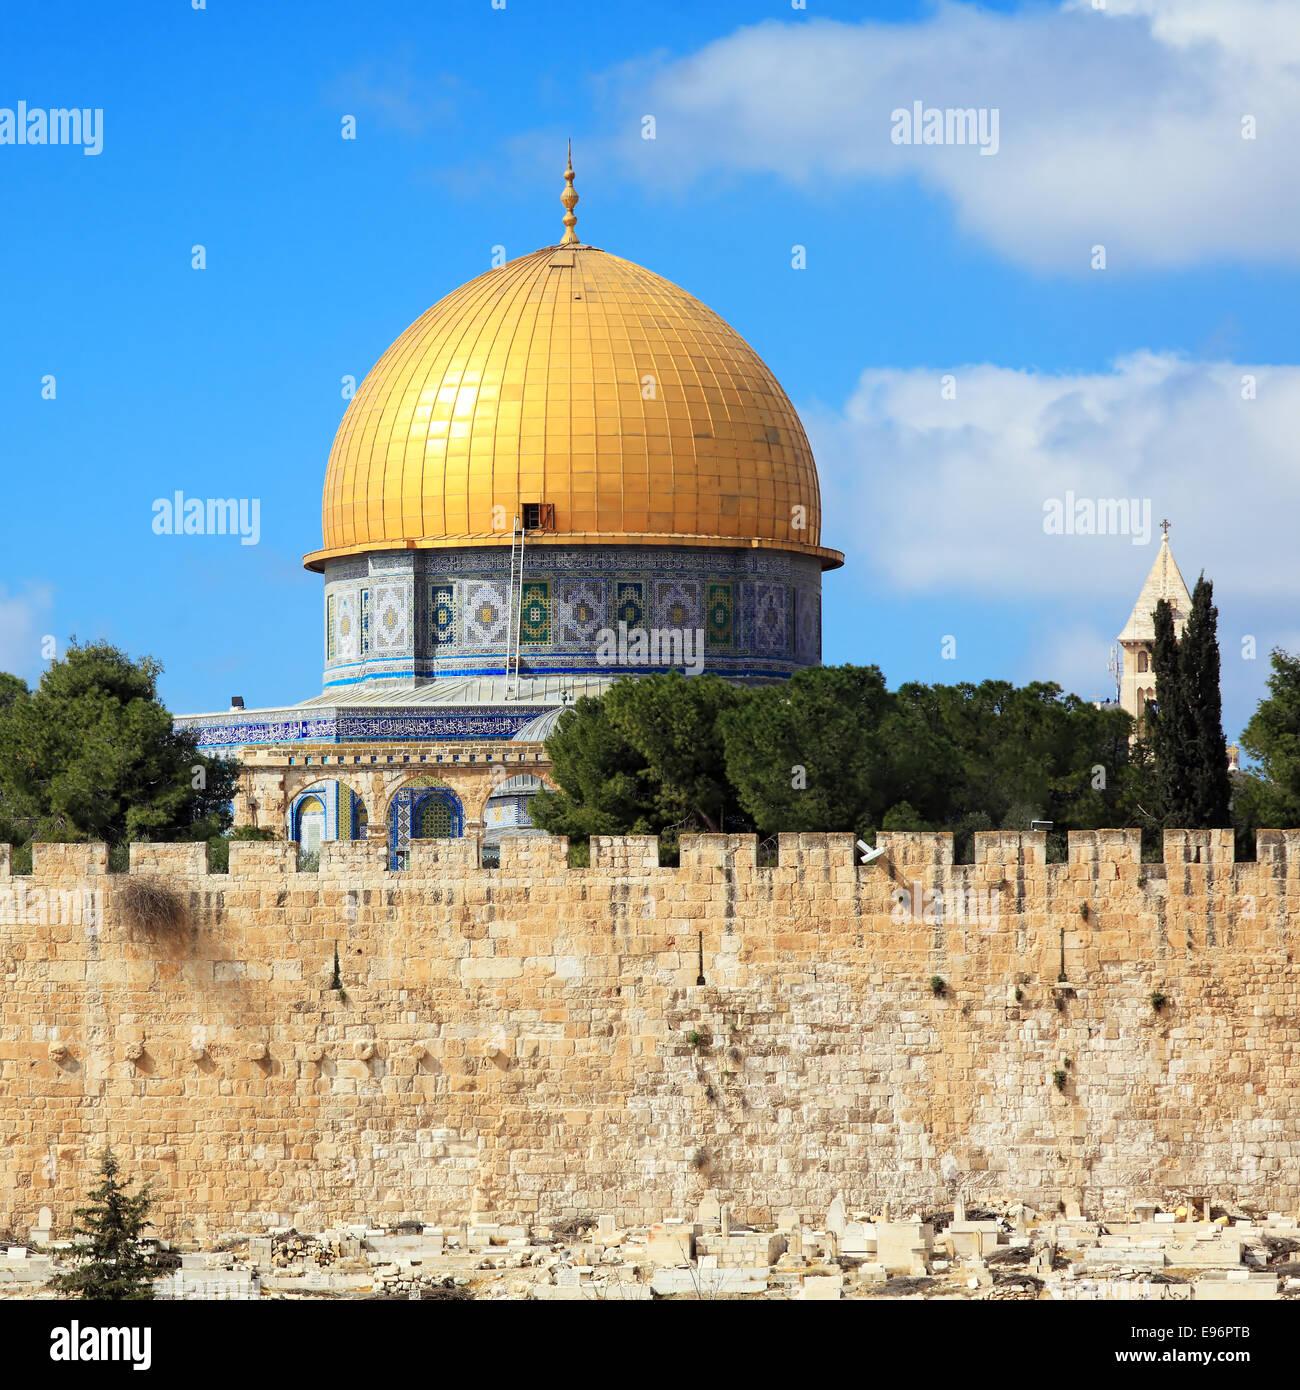 Mosquée Al Aqsa sur le mont du Temple de Jérusalem, Vieille Ville Photo Stock